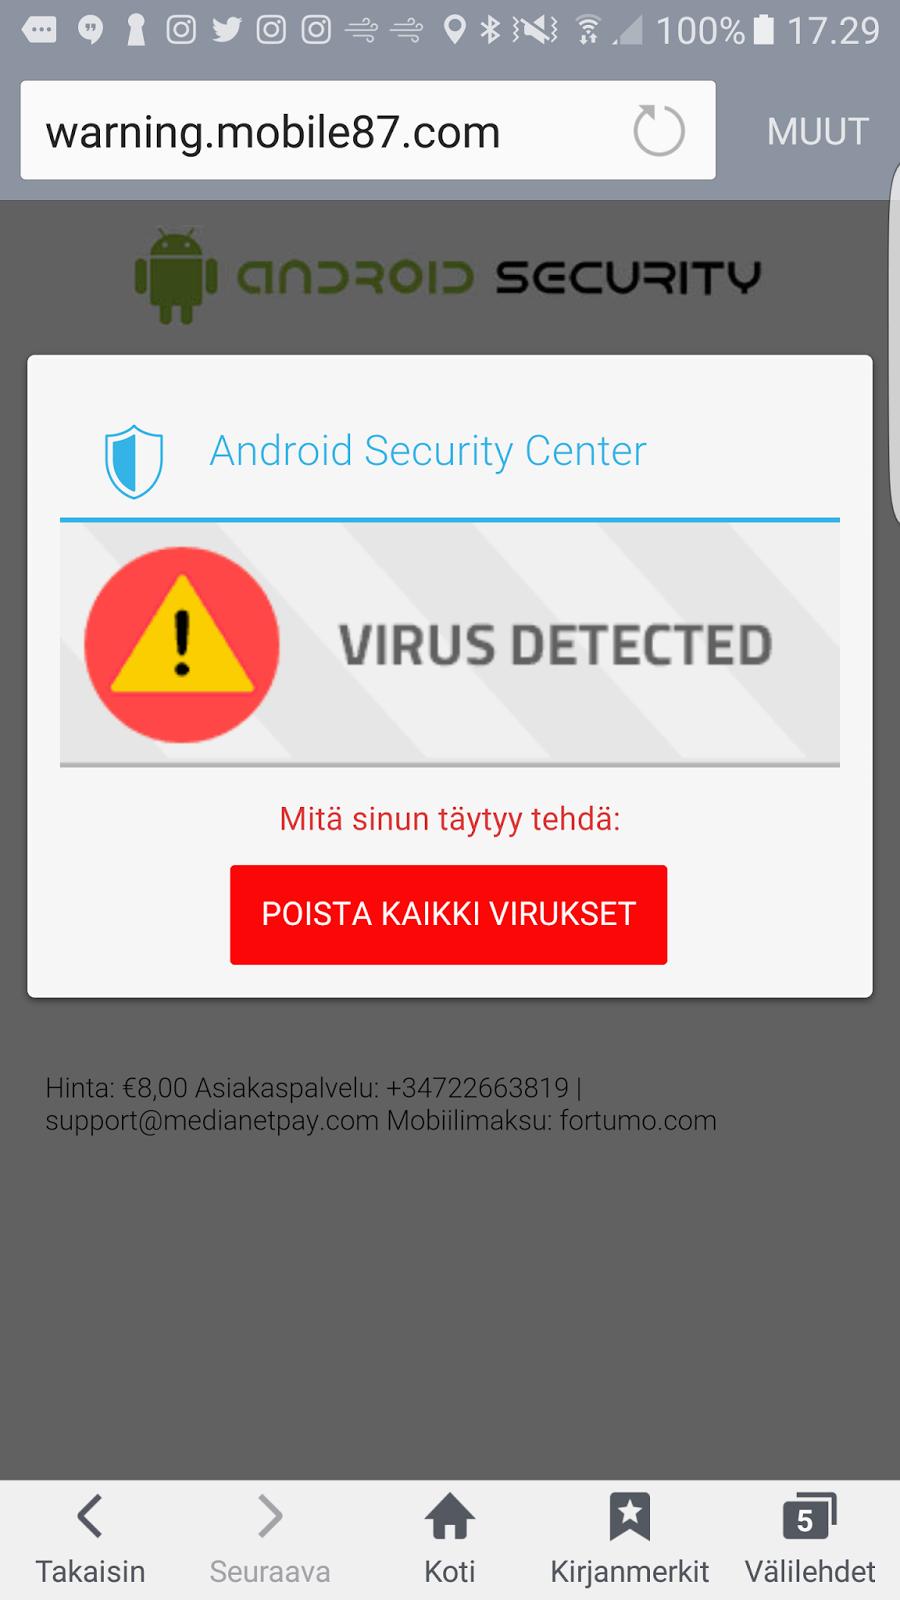 Havaintoja digimaailmasta: AMS Antivirus huijaus rahastaa kahdeksan euroa